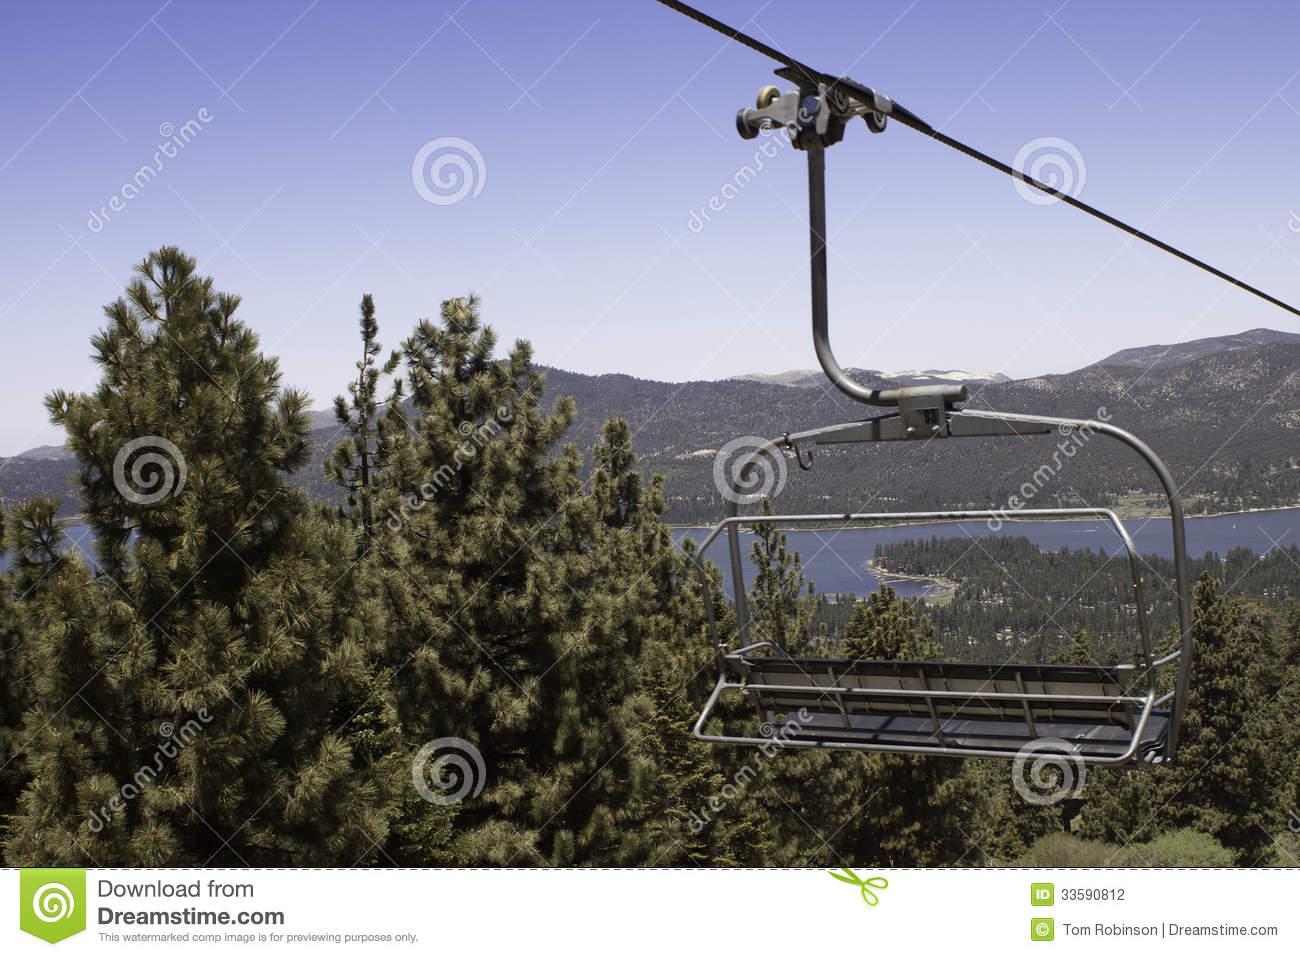 Summer Ski Lift Clipart.